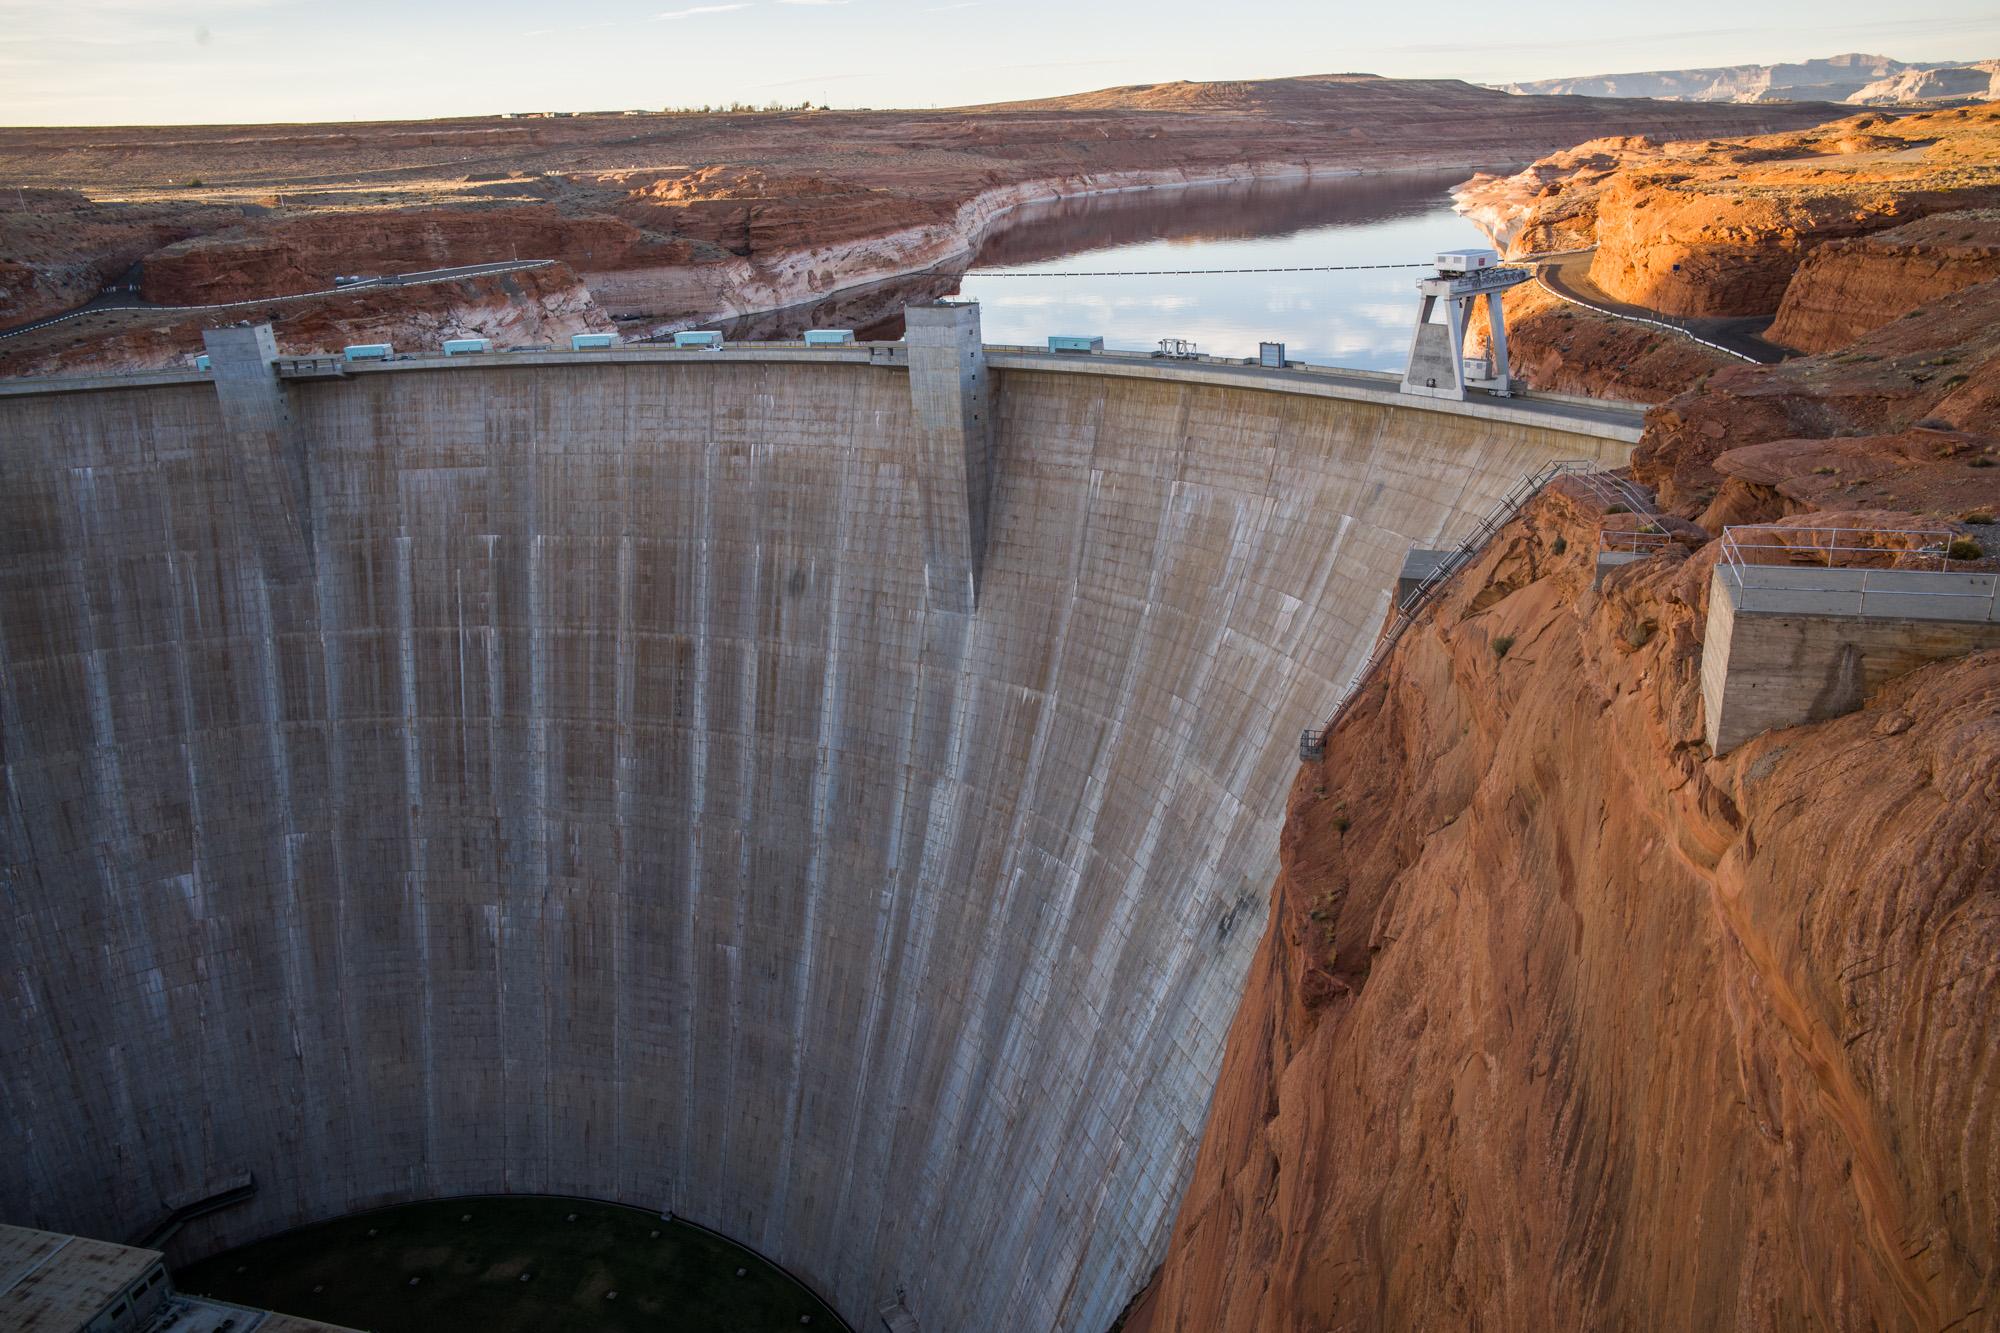 Glen Canyon Dam - Converting the Colorado River to a fragile system